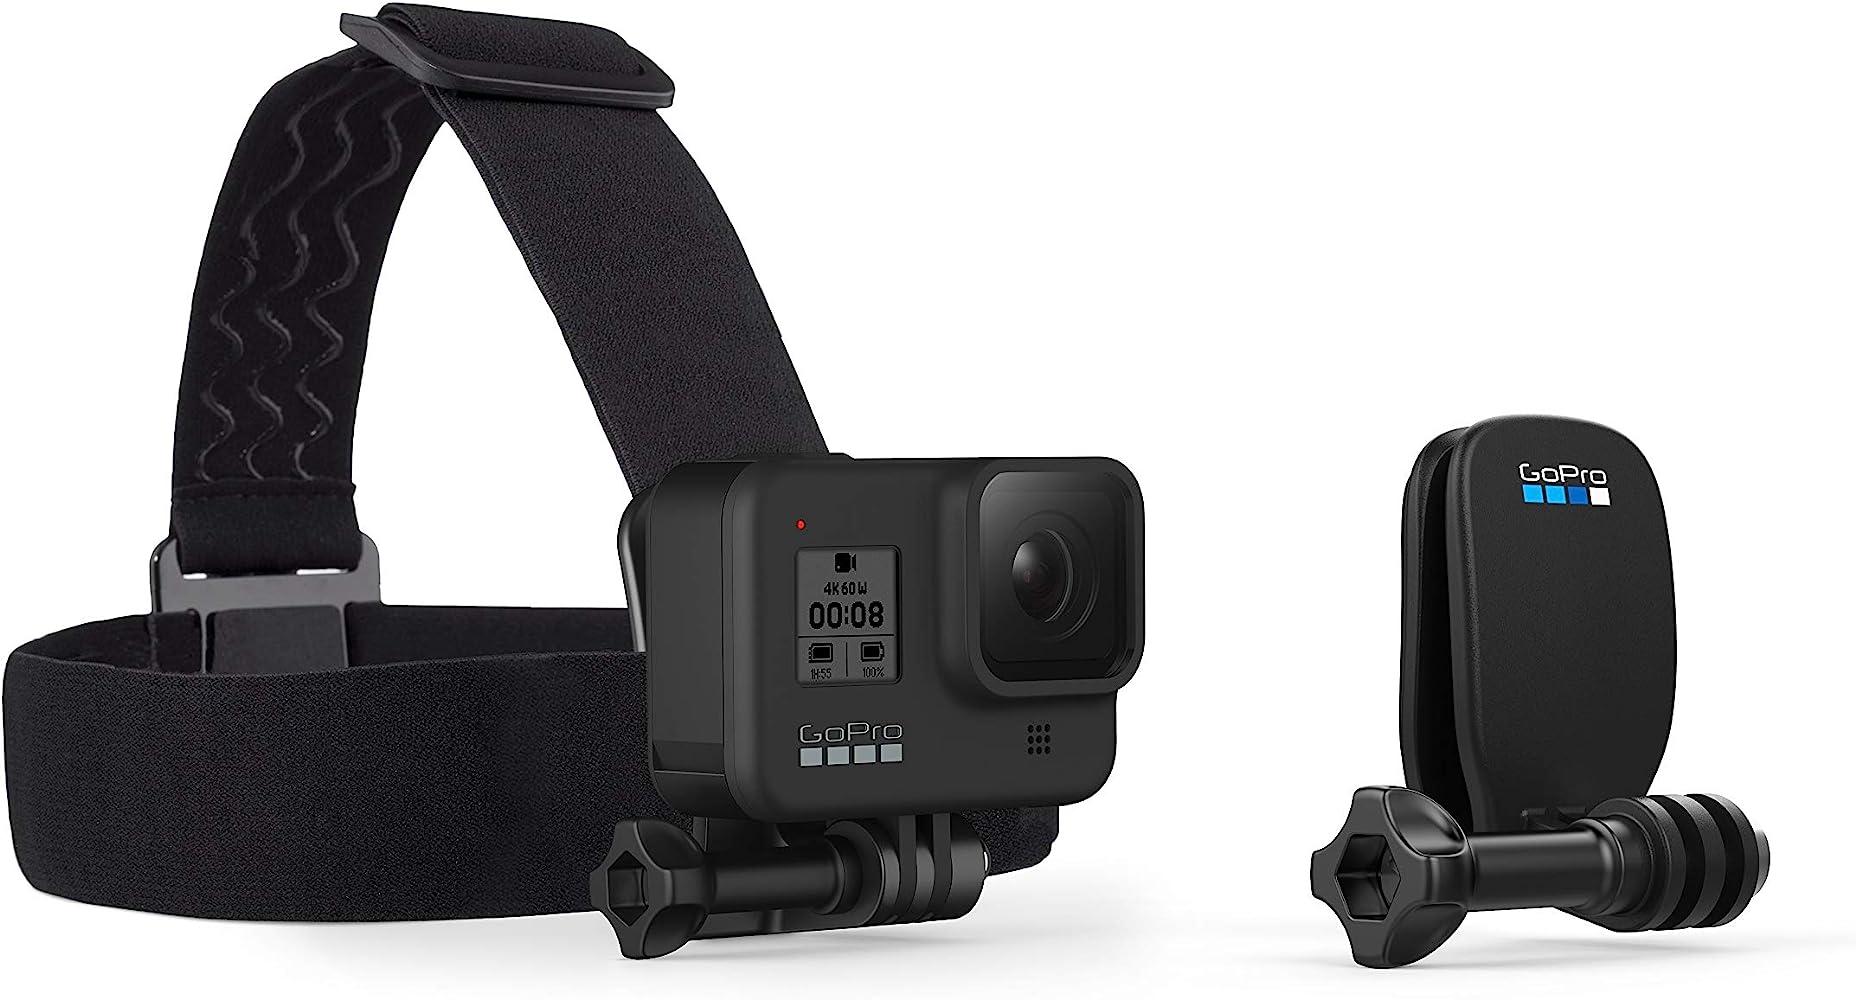 GoPro Headstrap + QuickClip - Pack de Accesorios para Cámara GoPro ...